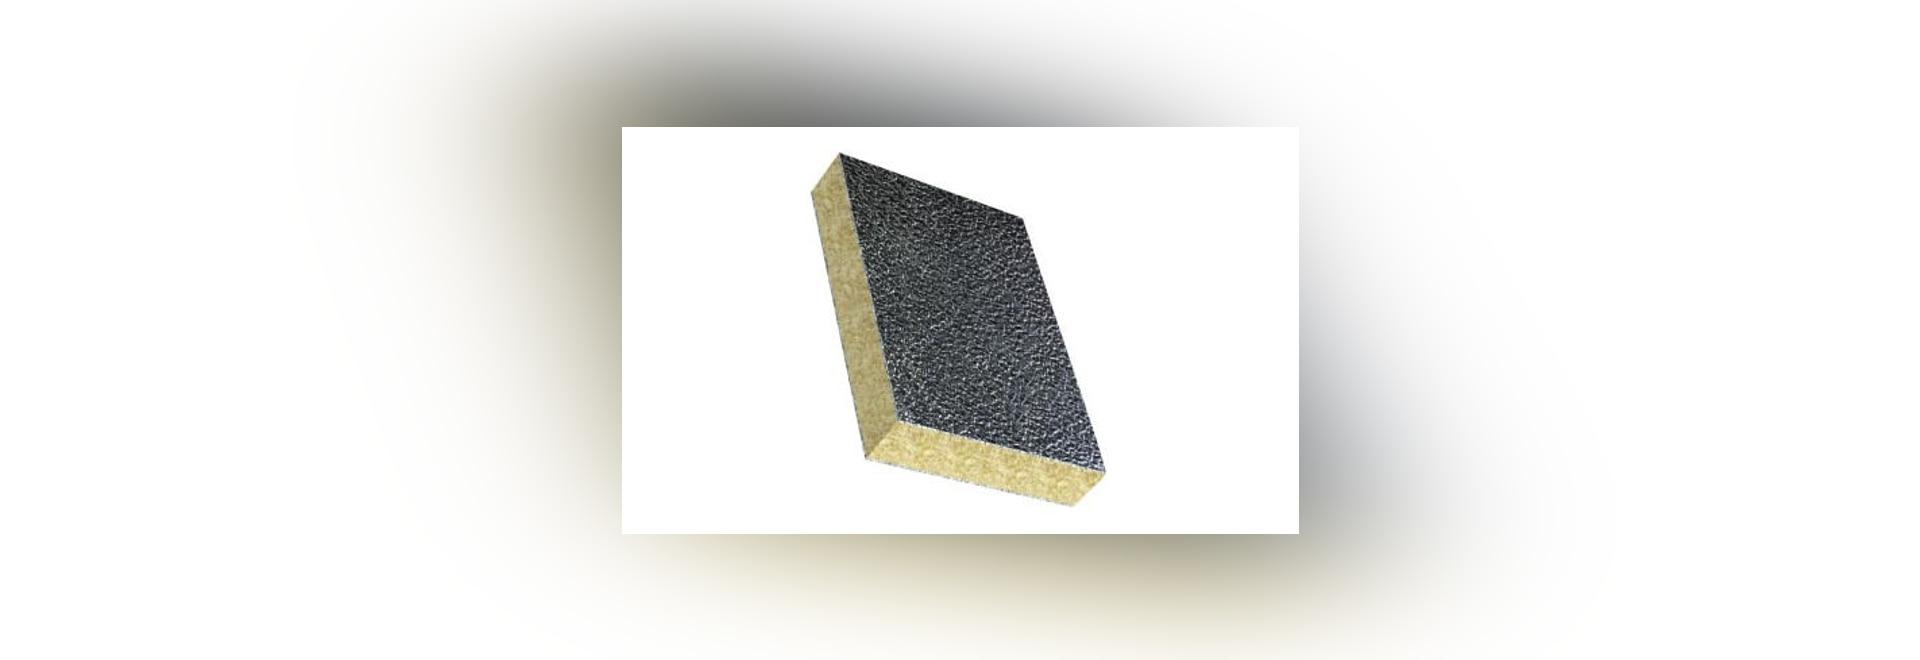 NEU: Sandwich§platte für Fassade by WEISS CHEMIE + TECHNIK GMBH & CO. KG